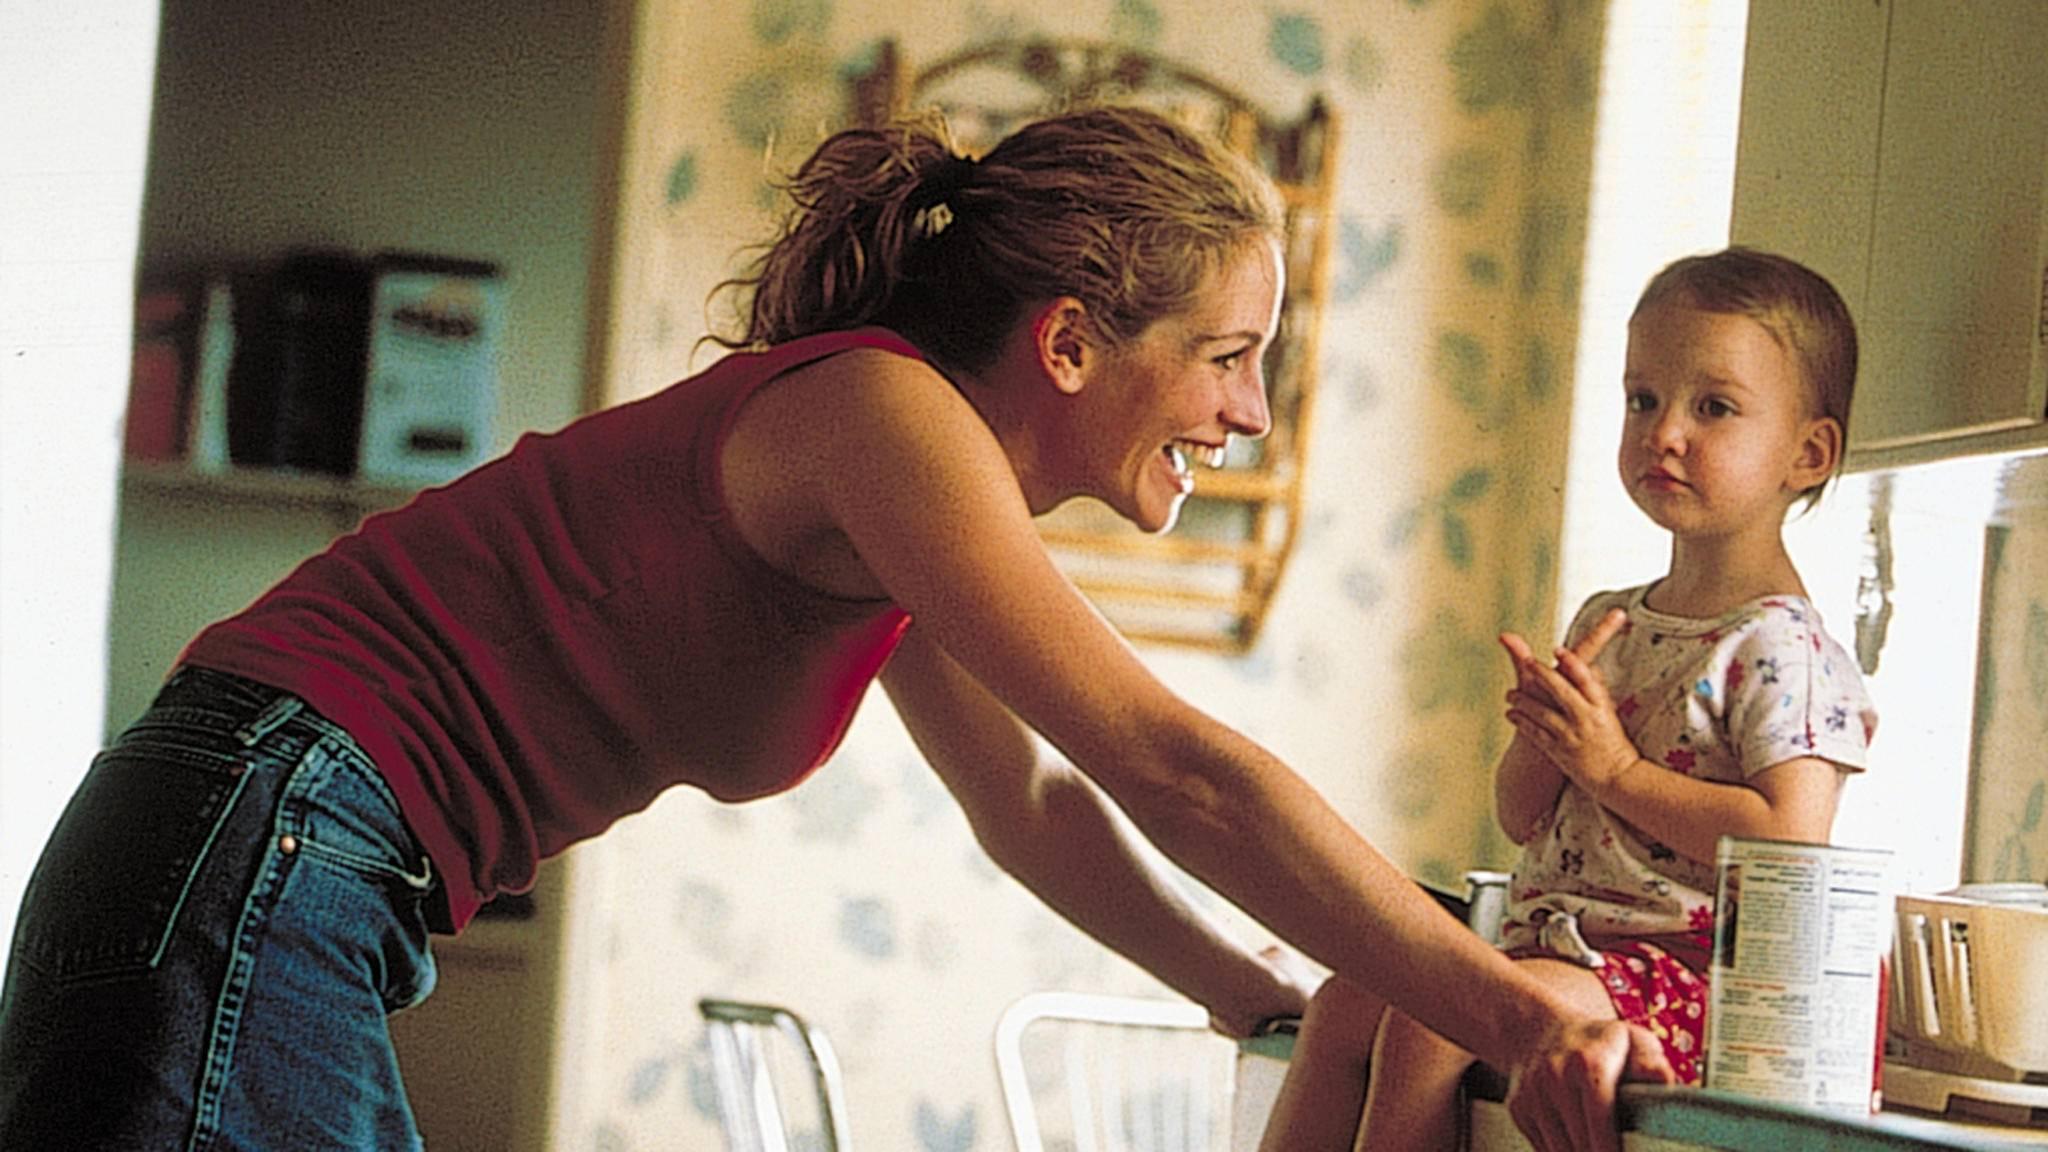 Eine Powerfrau und Super-Mama durch und durch: Julia Roberts als Erin Brockovich.